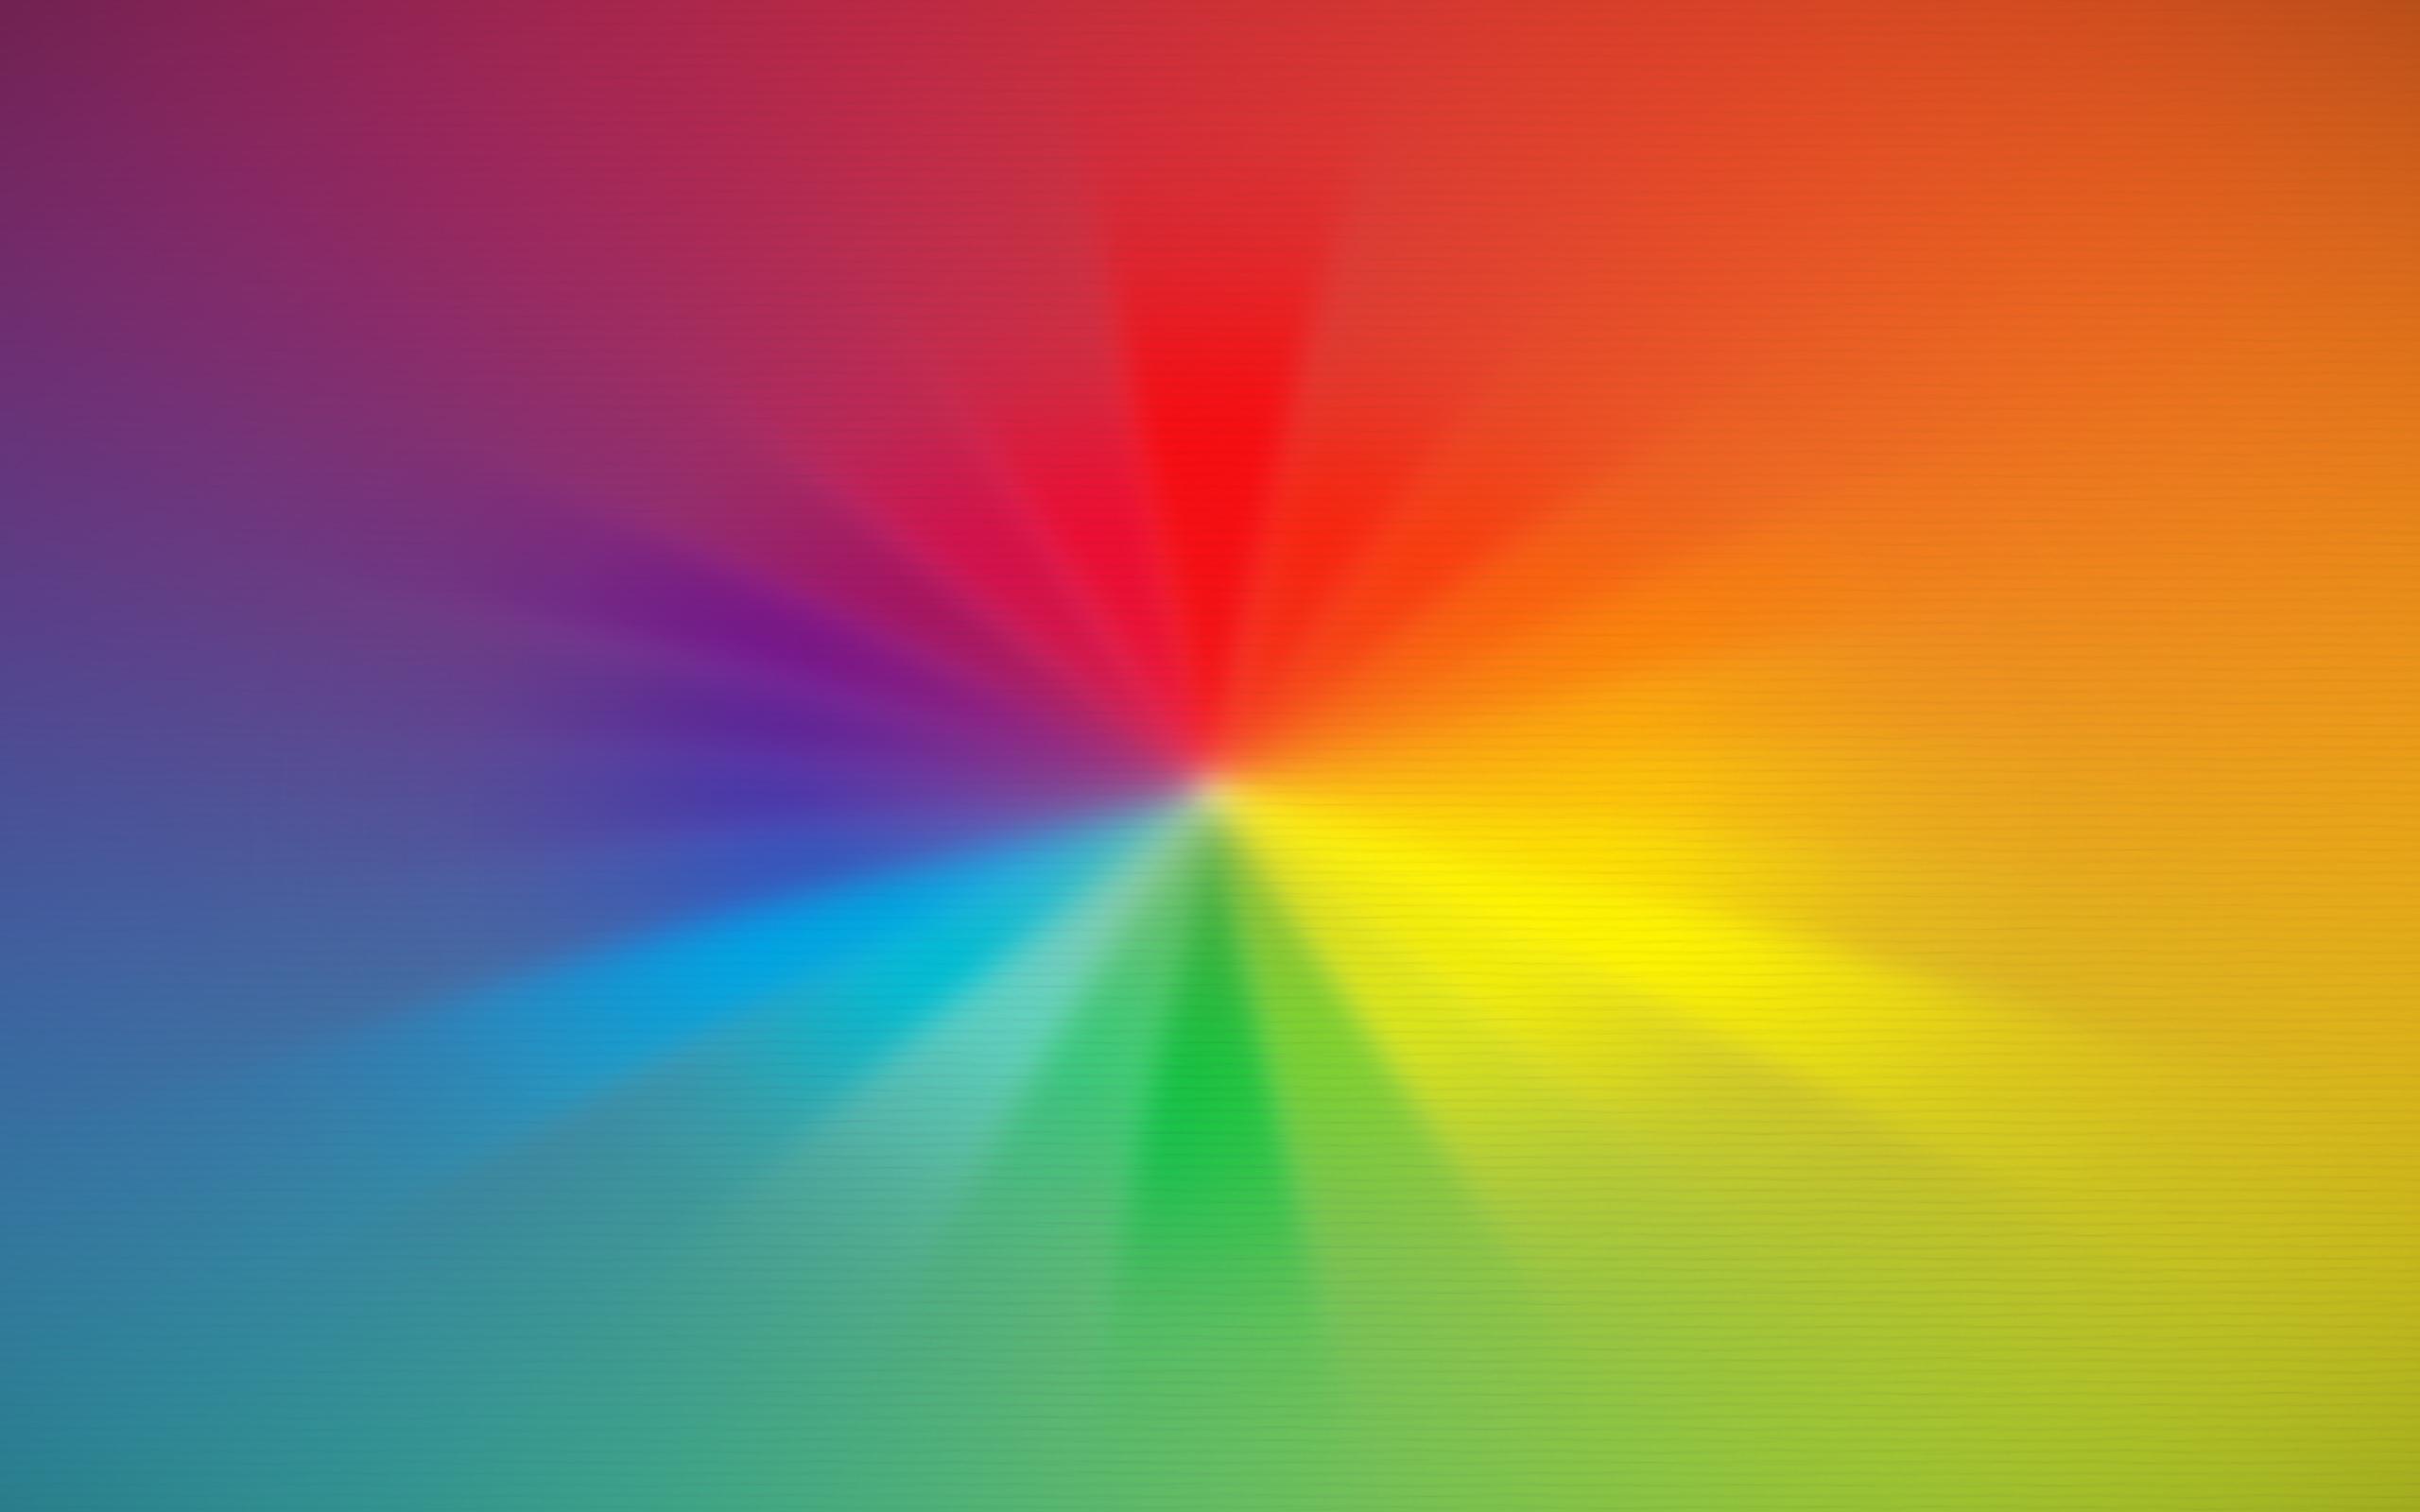 rainbow widescreen wallpaper 50533